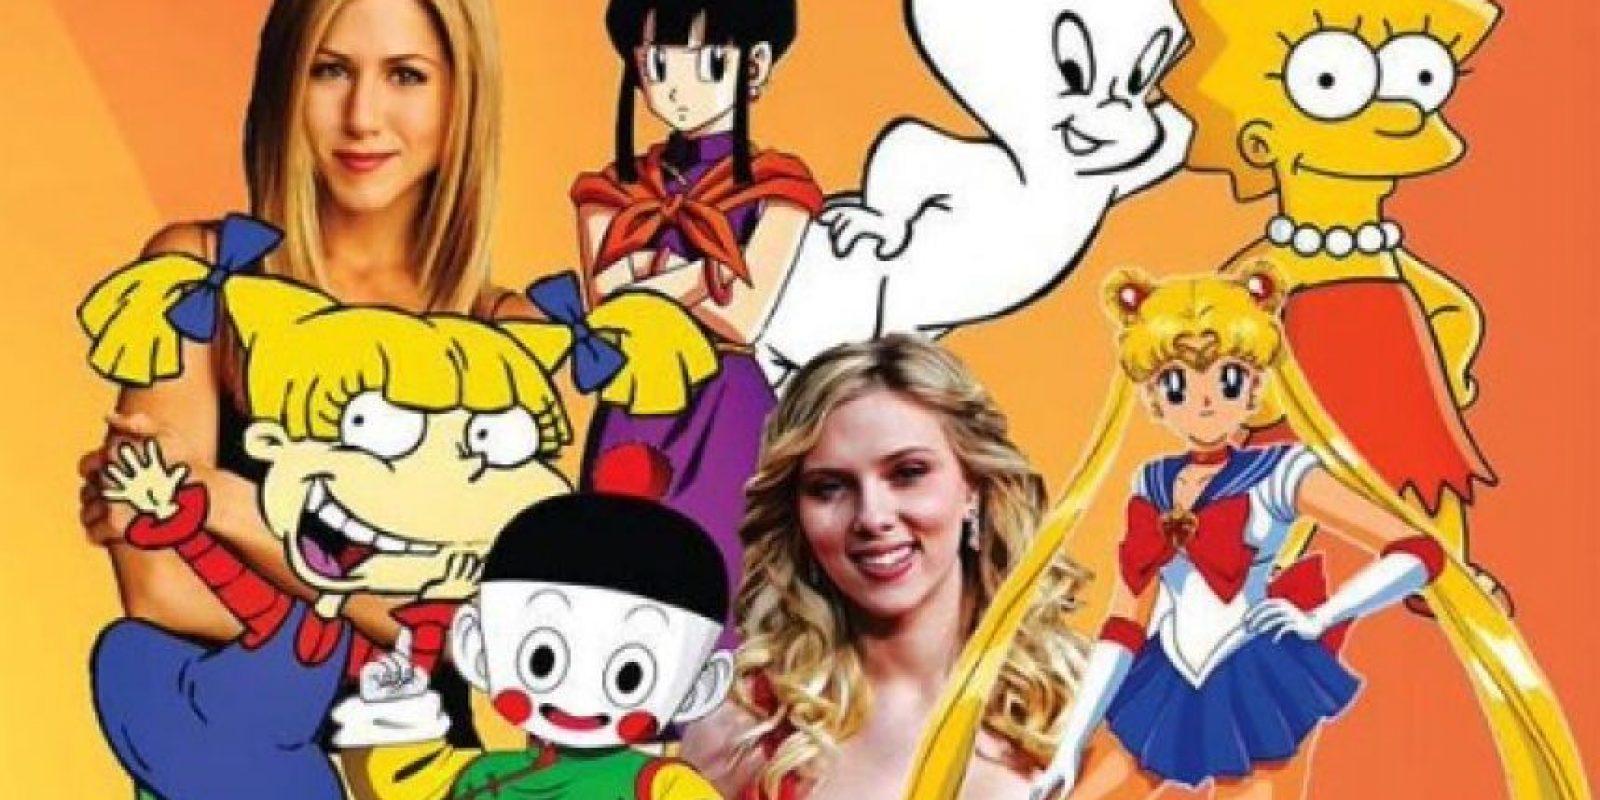 """Y de otros personajes como """"Lisa"""" de """"Los Simpson"""", """"Rachel"""" de """"Friends"""" y del doblaje latino de Scarlett Johansson. Foto:vía facebook.com/patyacevedo29"""